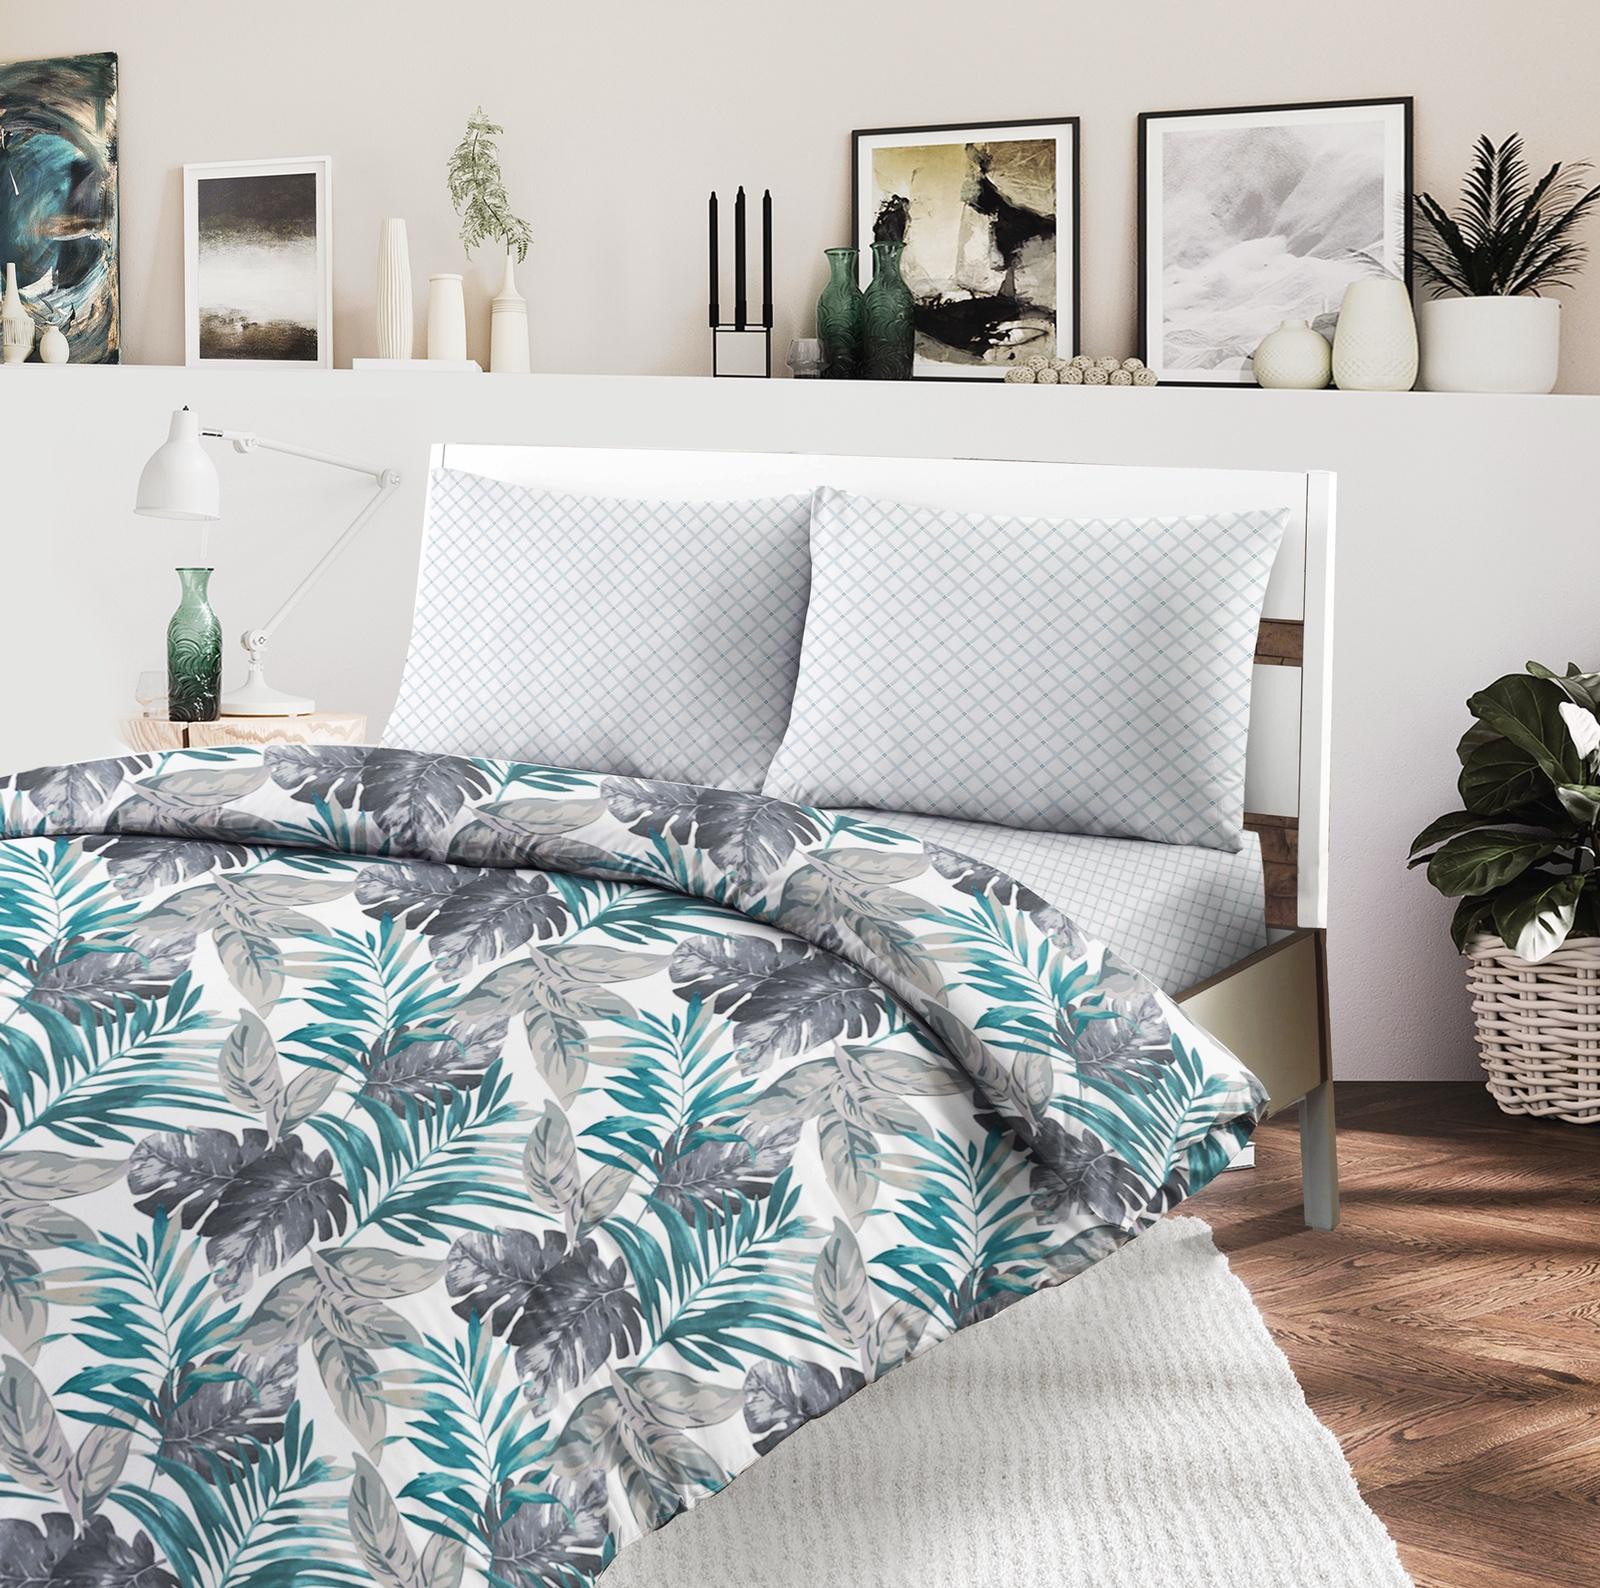 цена на Комплект постельного белья Seta Azalea Trianon, 019012339, серый, белый, 1.5 спальный